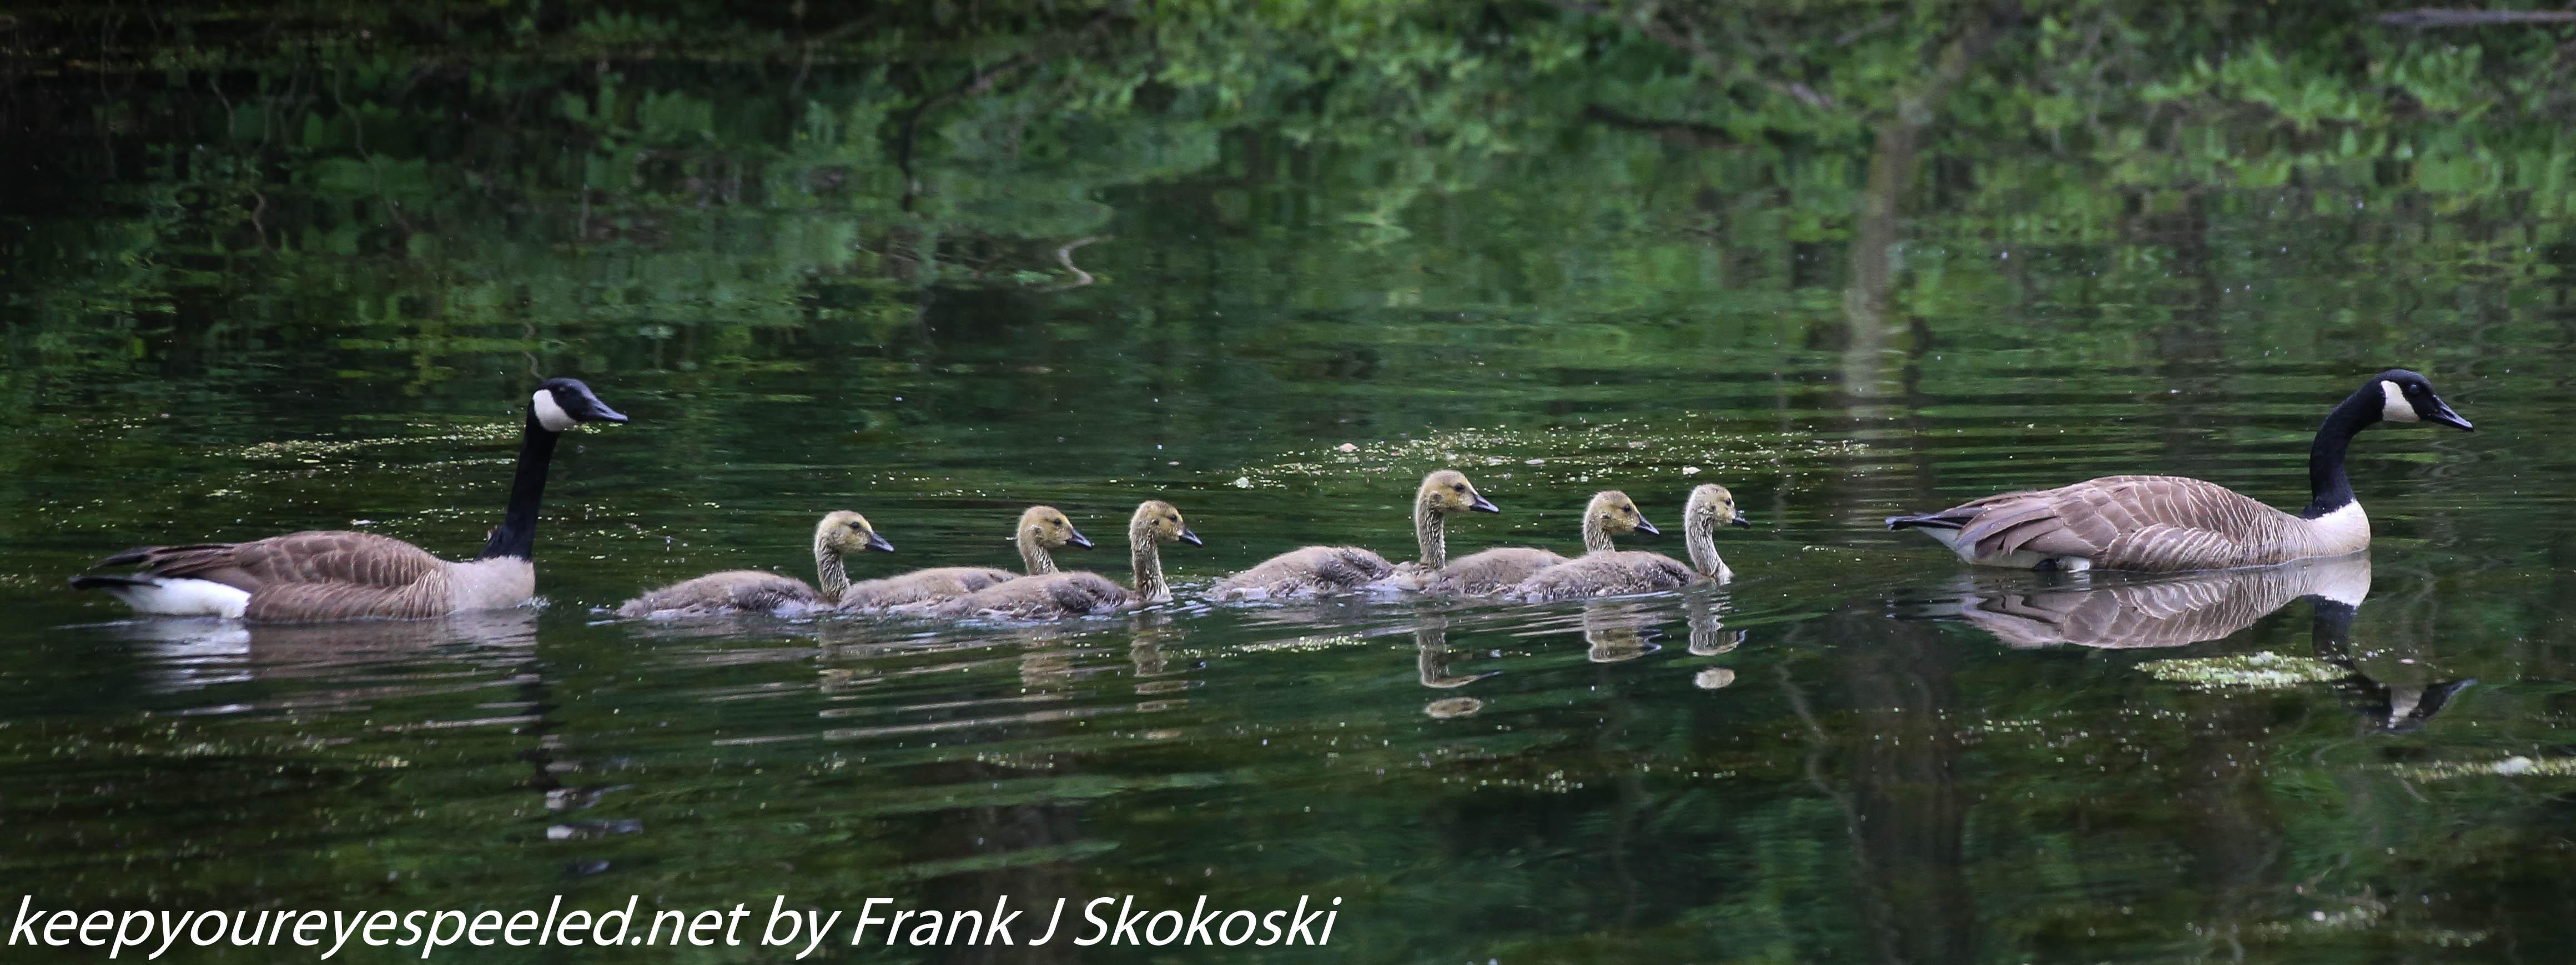 PPL Wetlands birds (16 of 33)